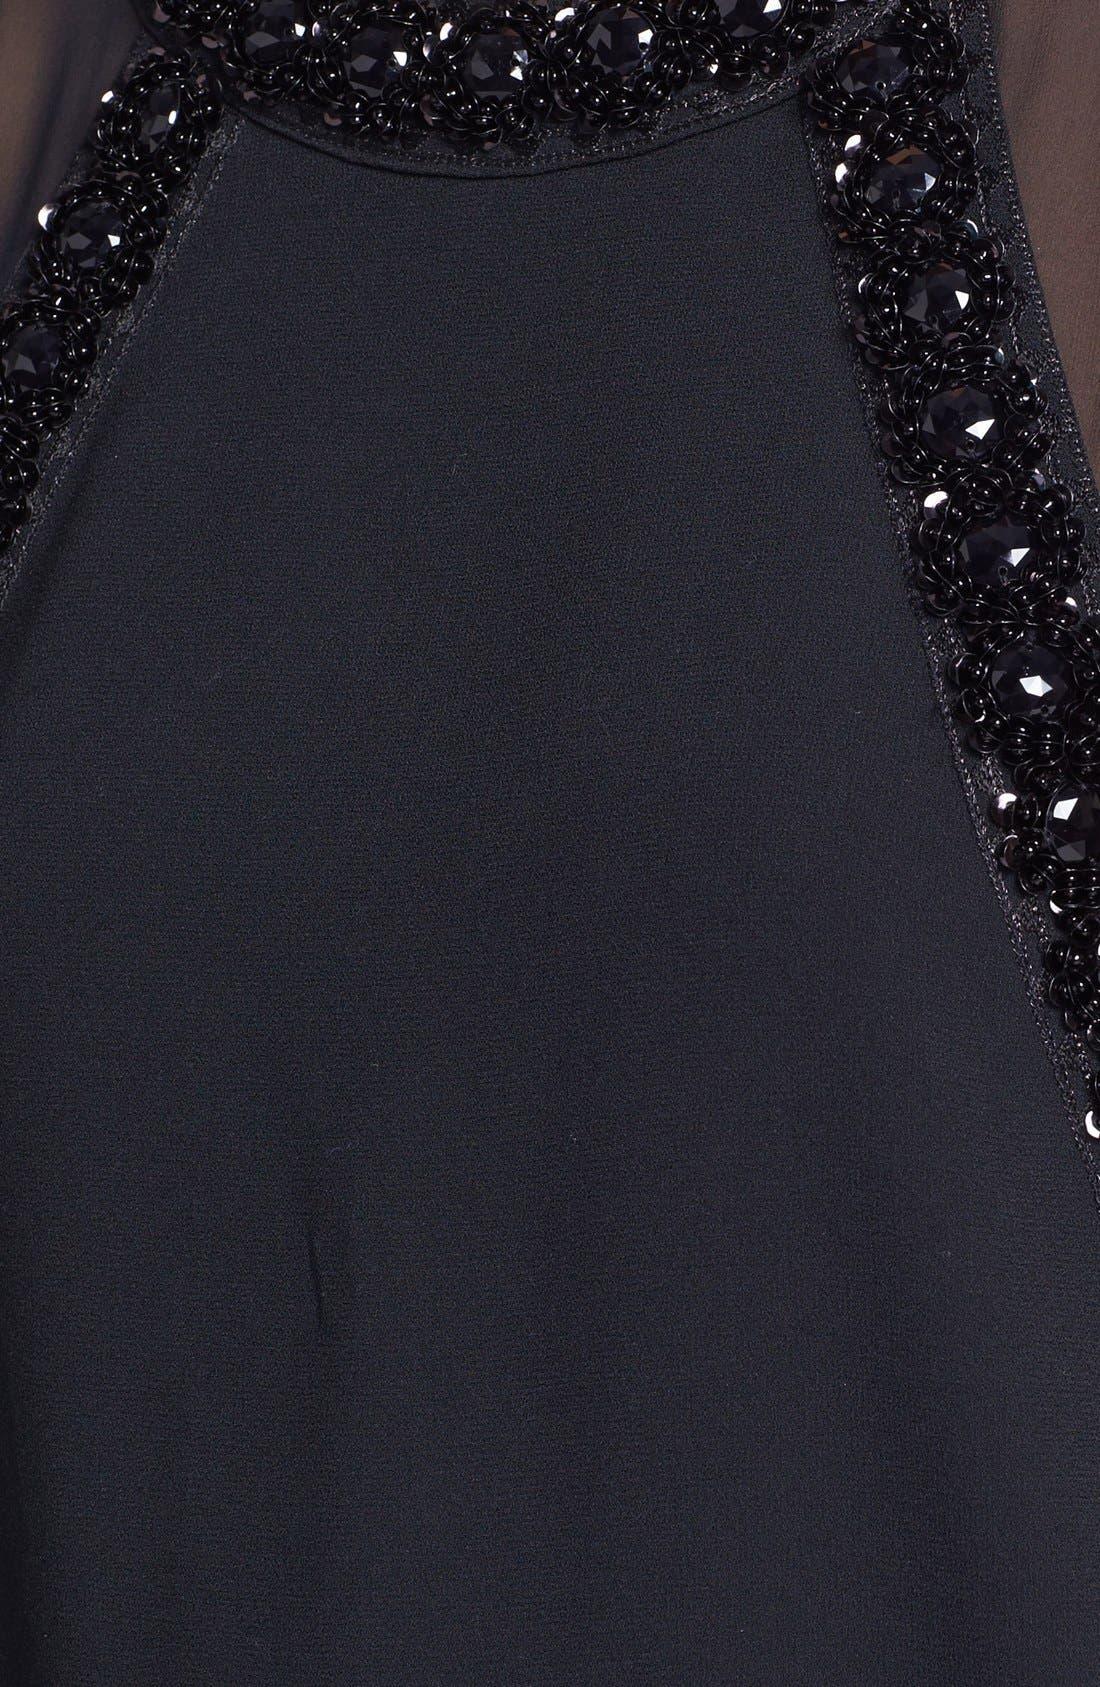 Alternate Image 3  - MARC BY MARC JACOBS 'Kisa' Embellished Silk Shift Dress